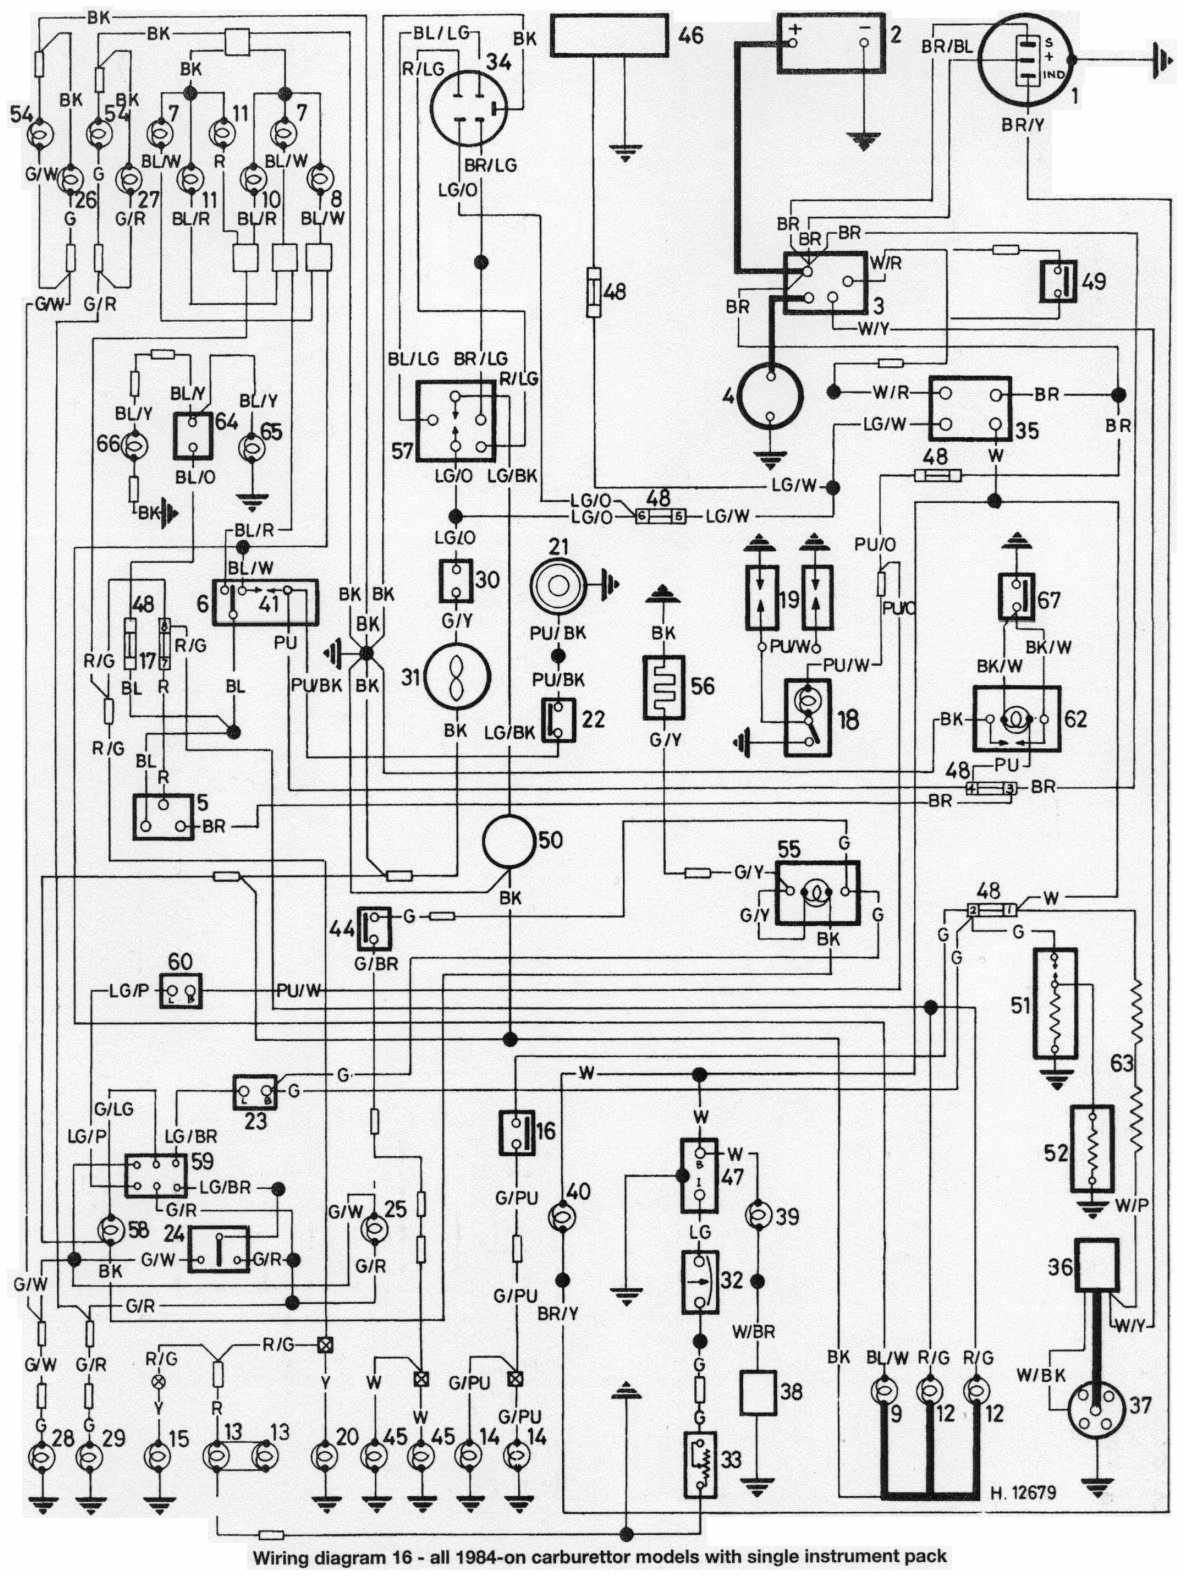 hight resolution of 1967 mini wiring diagram wiring diagram todays rh 4 7 12 1813weddingbarn com 1967 vw wiring diagram 1967 ford wiring diagram